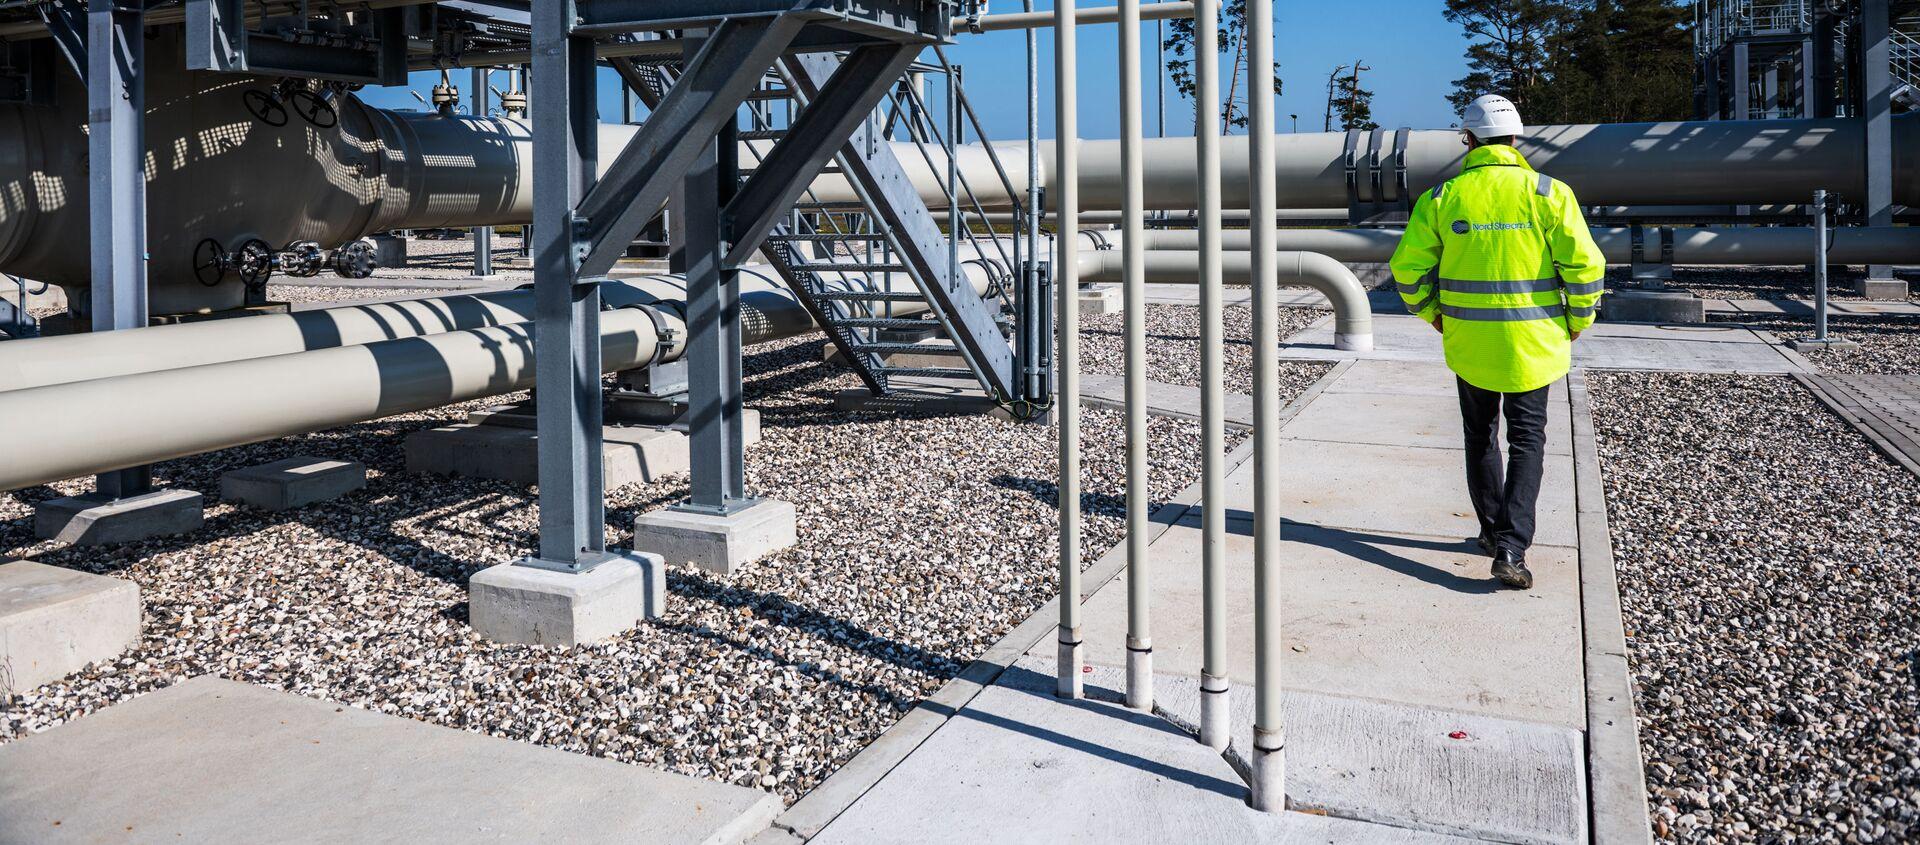 Centrum dystrybucji gazu gazociągu Nord Stream 2 w Lubminie, Niemcy. - Sputnik Polska, 1920, 04.06.2021